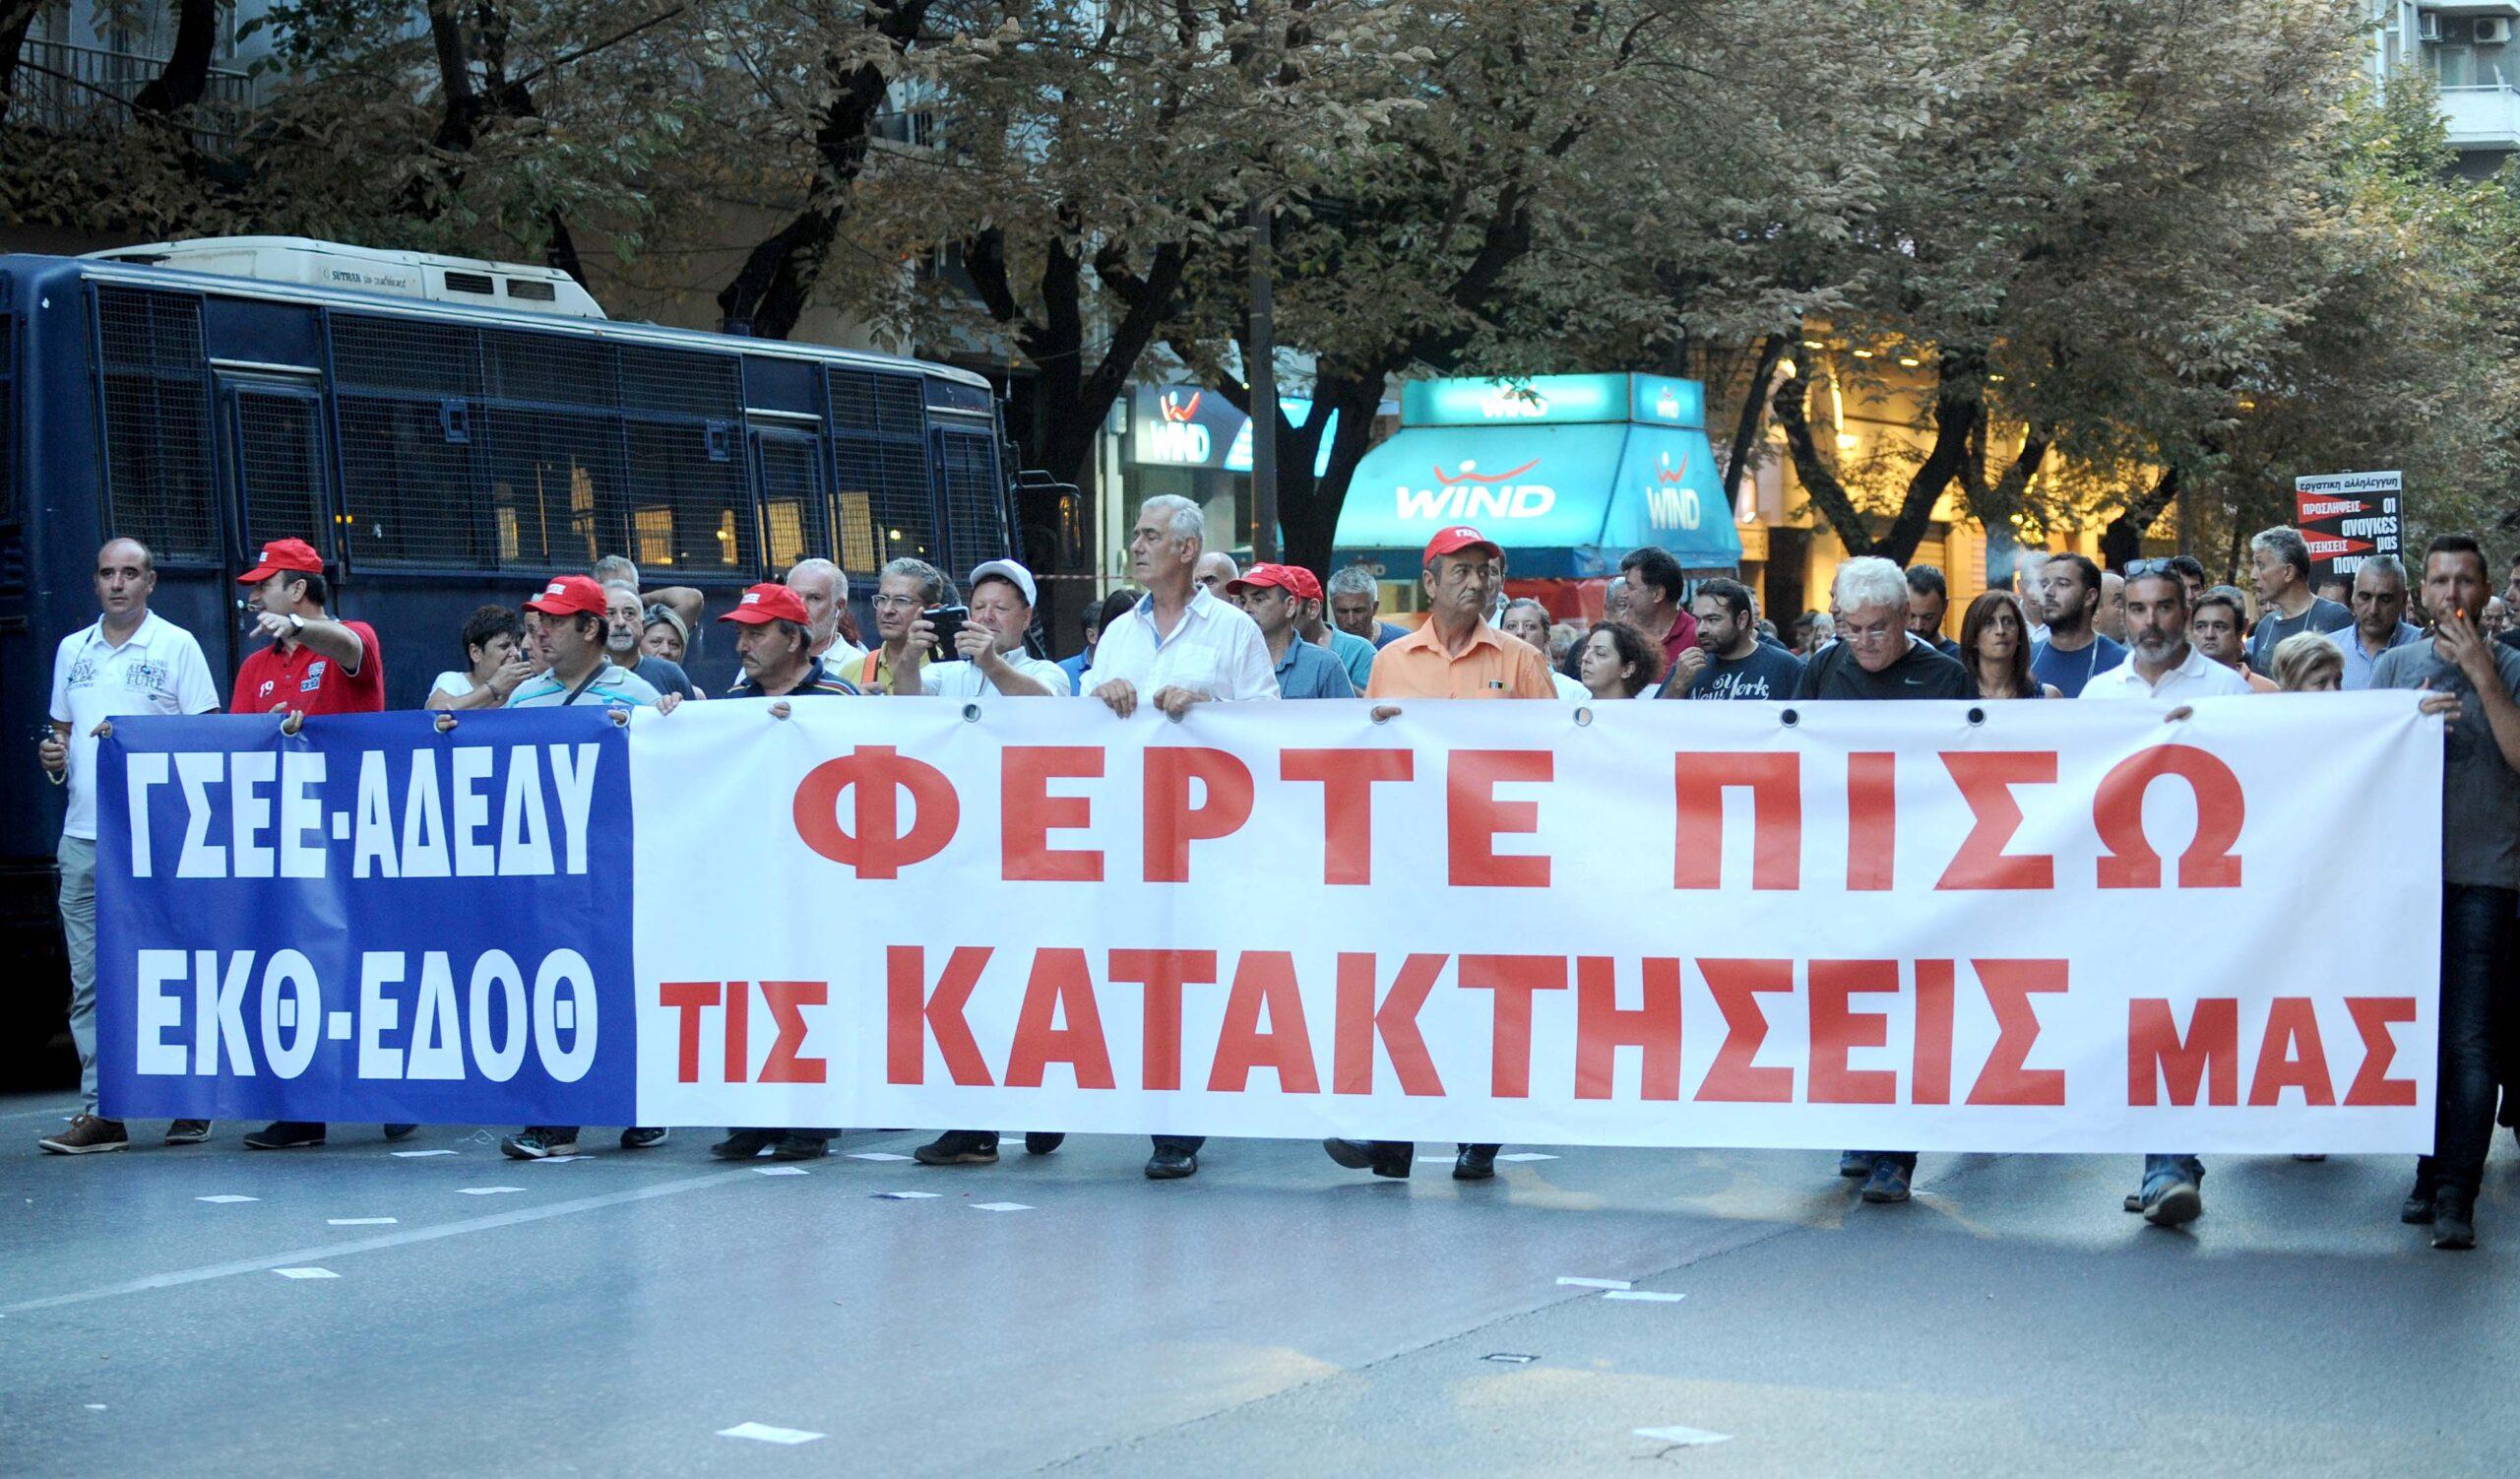 """Αγωνιστικό Συλλαλητήριο με κεντρικό σύνθημα """"Φέρτε πίσω τις κατακτήσεις μας"""""""